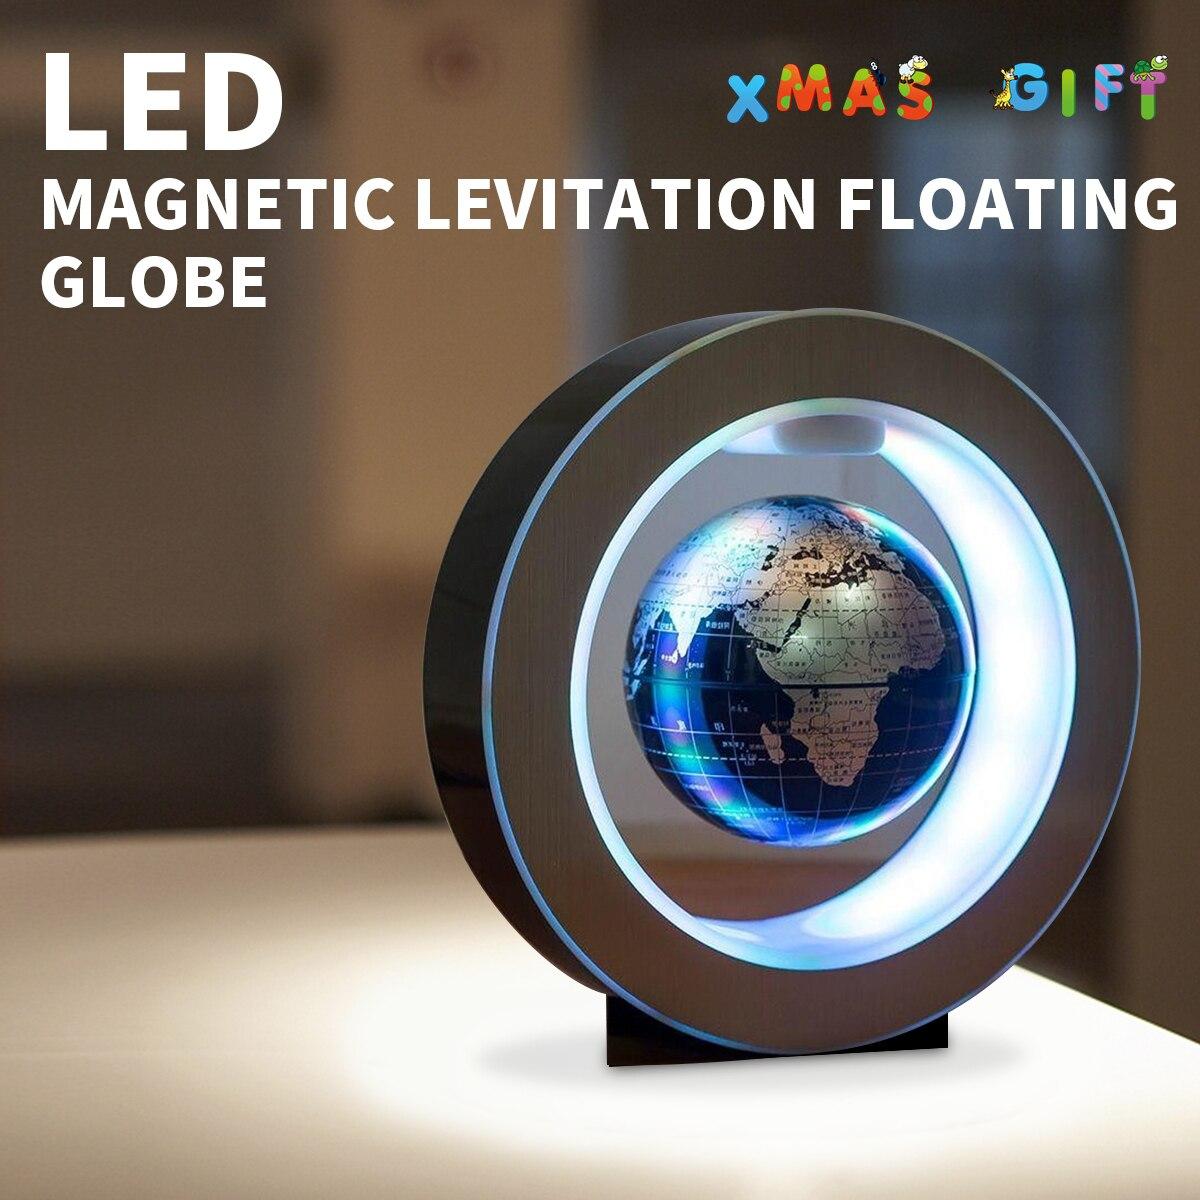 LED Novidade Levitação Magnética Flutuante Globo World Map LED Flutuante Tellurion Com Luz LED Home Office Decoração Ornamento